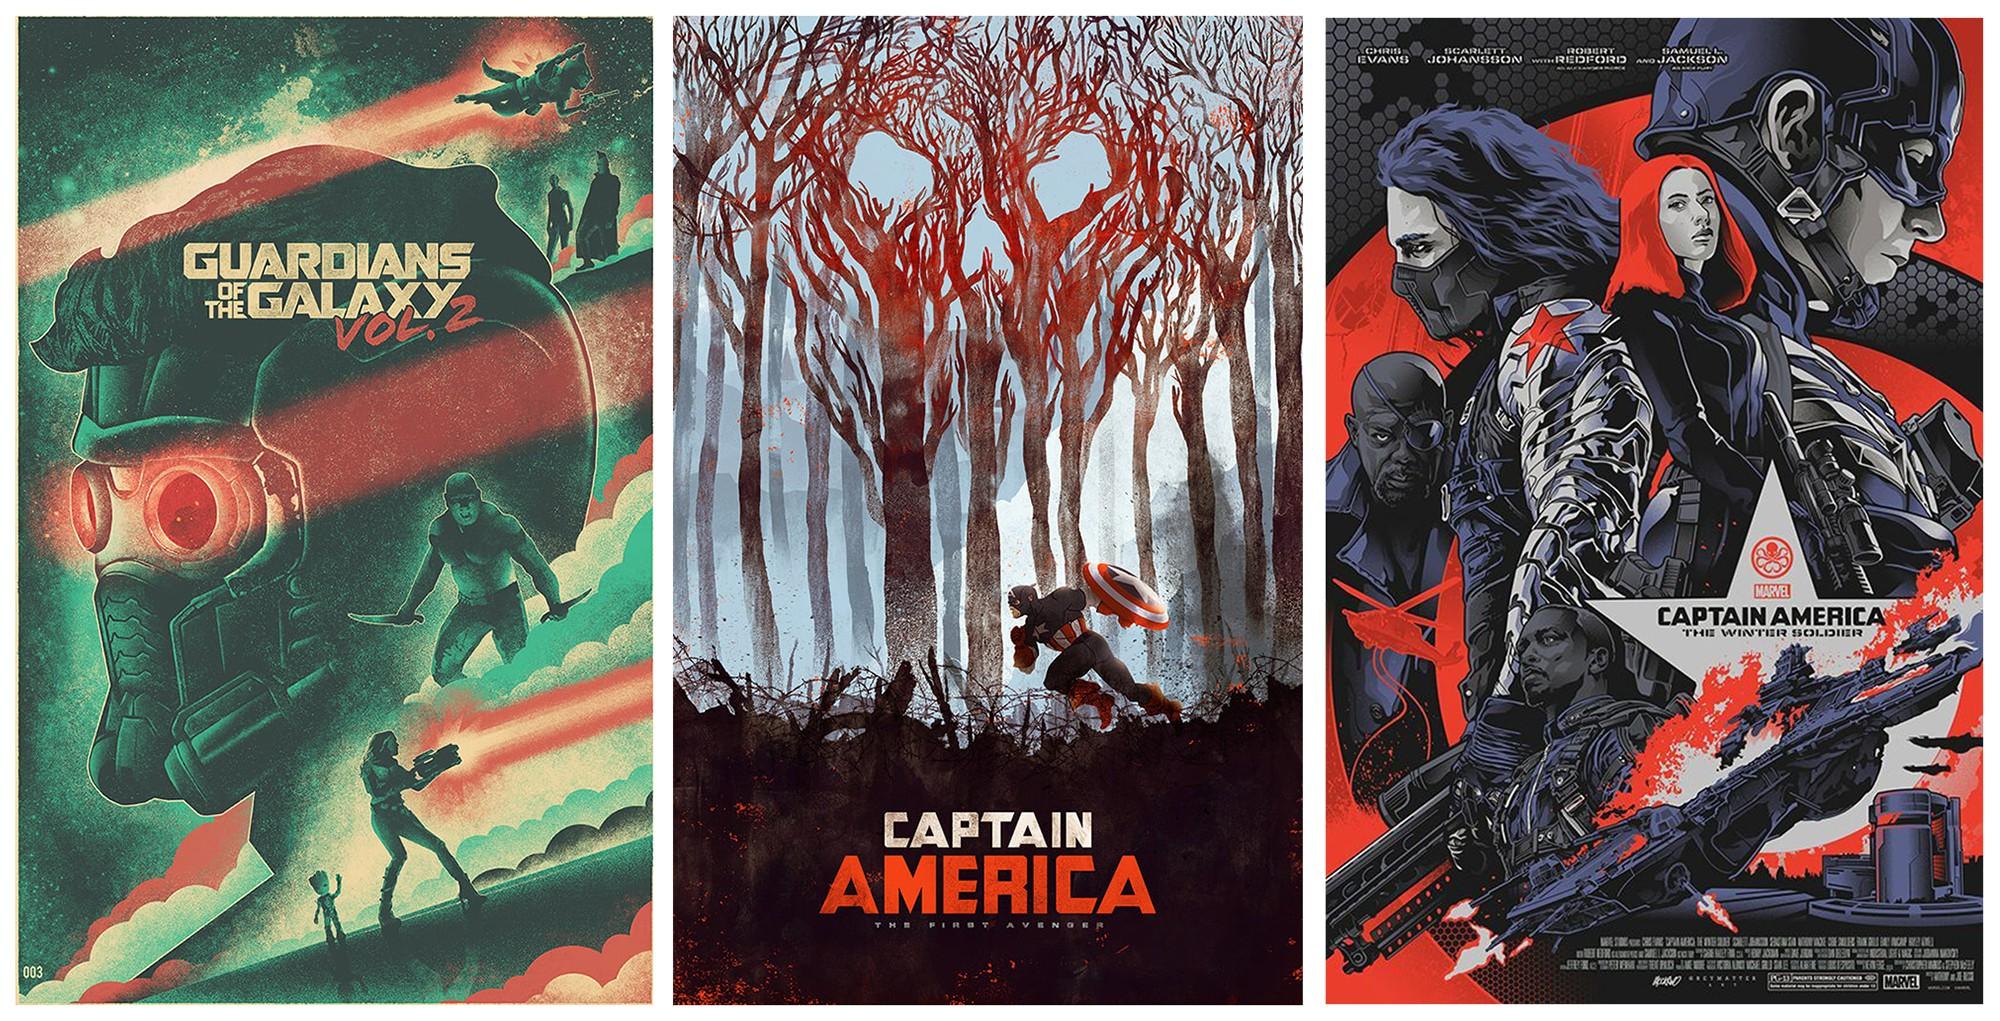 10 năm đi vào lịch sử làng điện ảnh của Marvel: Từ vực sâu phá sản cho đến người khổng lồ của đế chế phim siêu anh hùng - Ảnh 9.